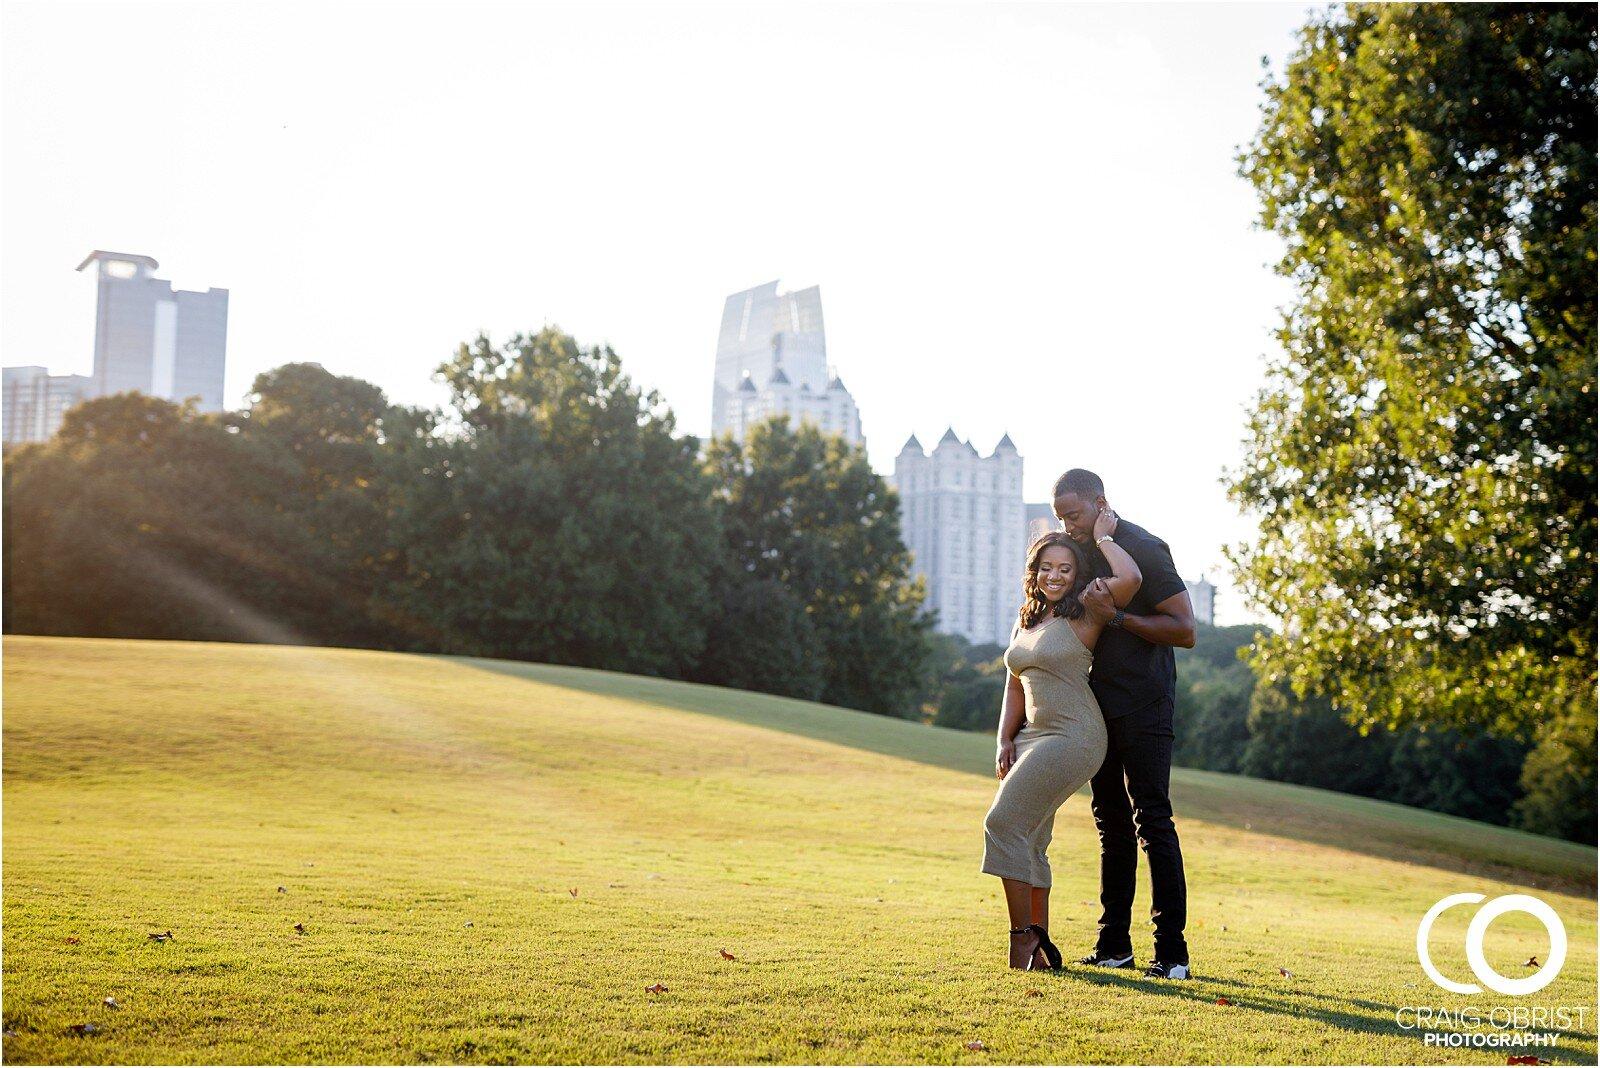 Piedmont Park Merecedes Benz Stadium Atlanta Skyline Enagagement Portraits_0016.jpg